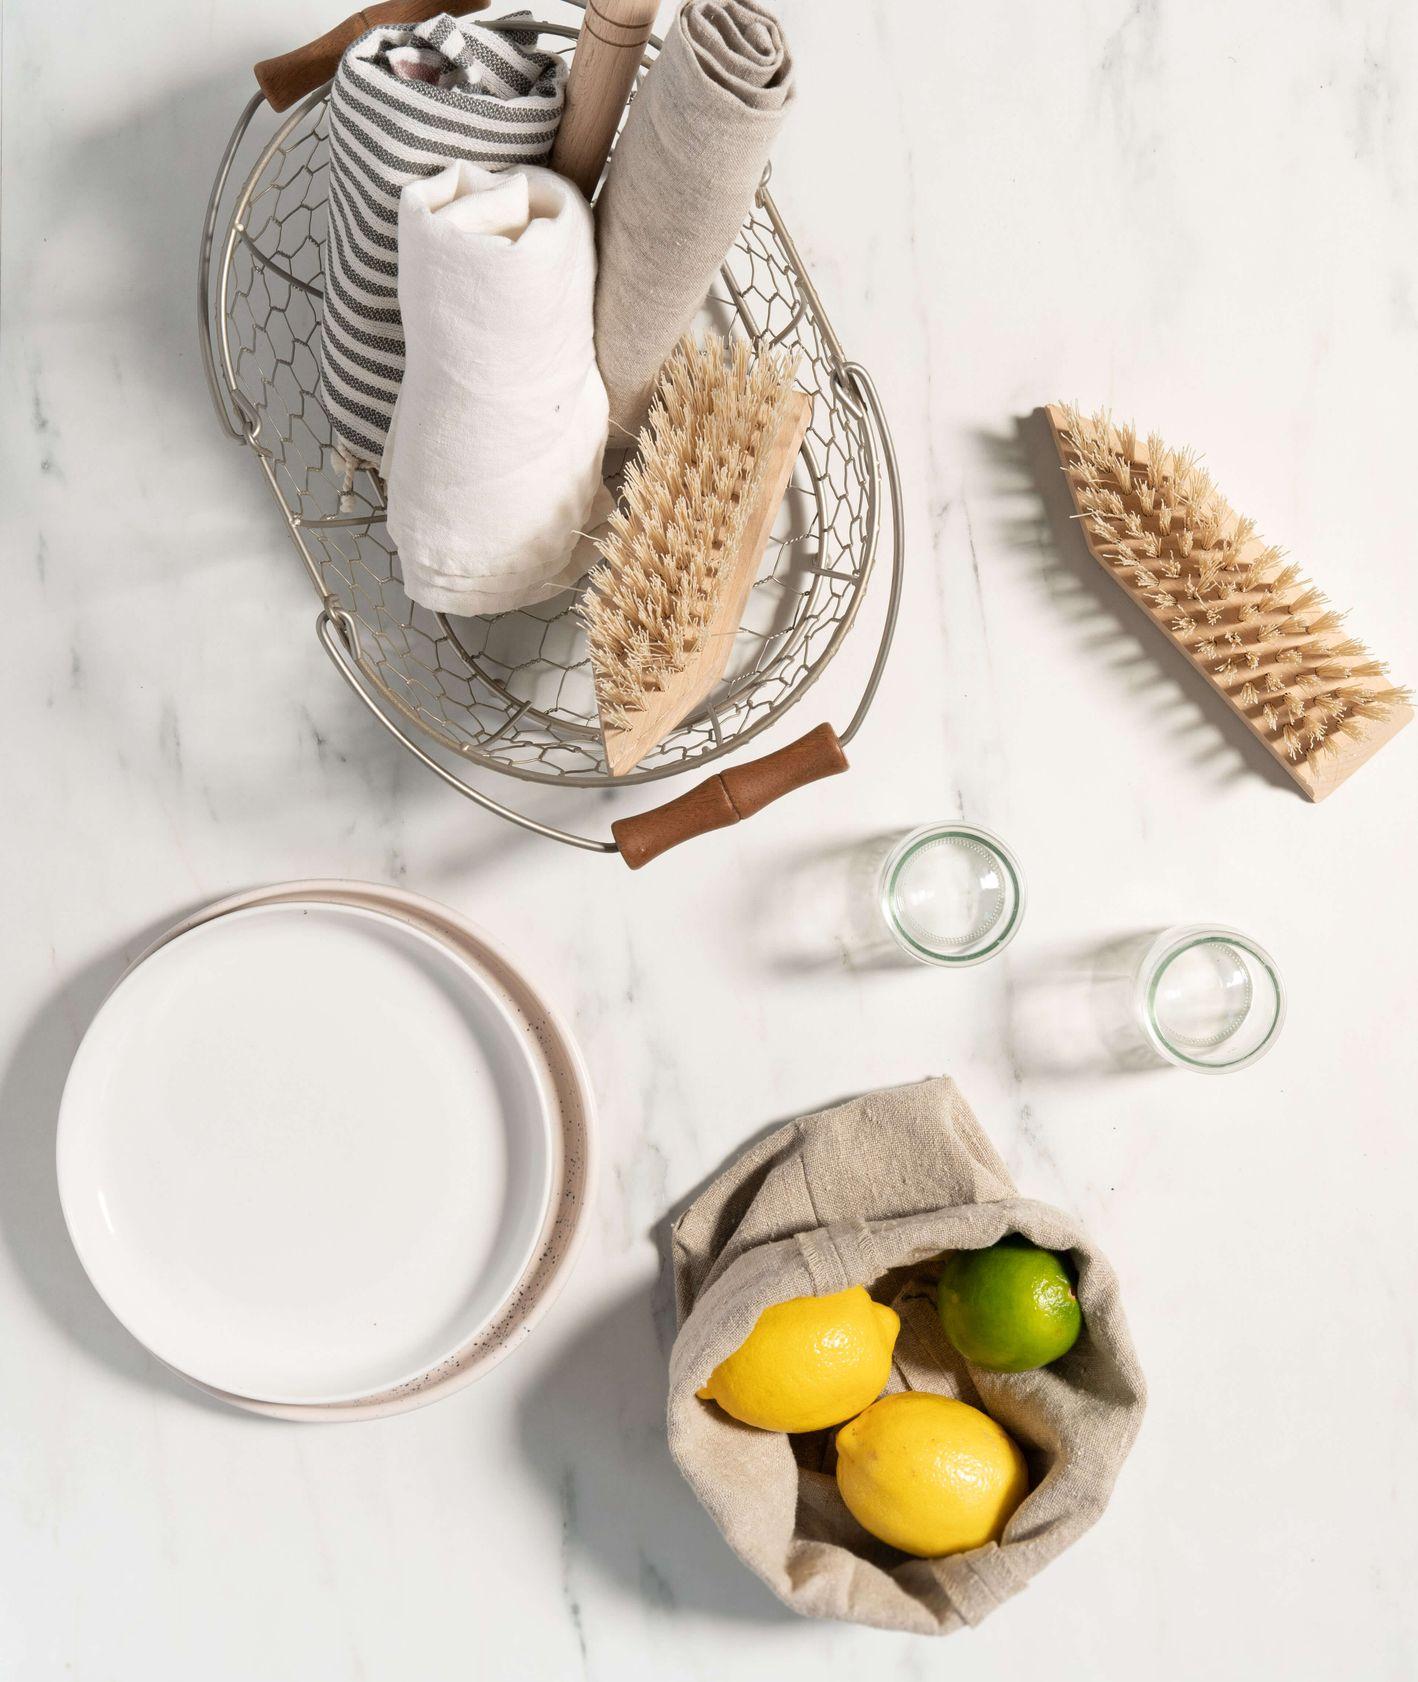 Sprzęt do czyszczenia kuchni (fot. Martyna Cybuch)